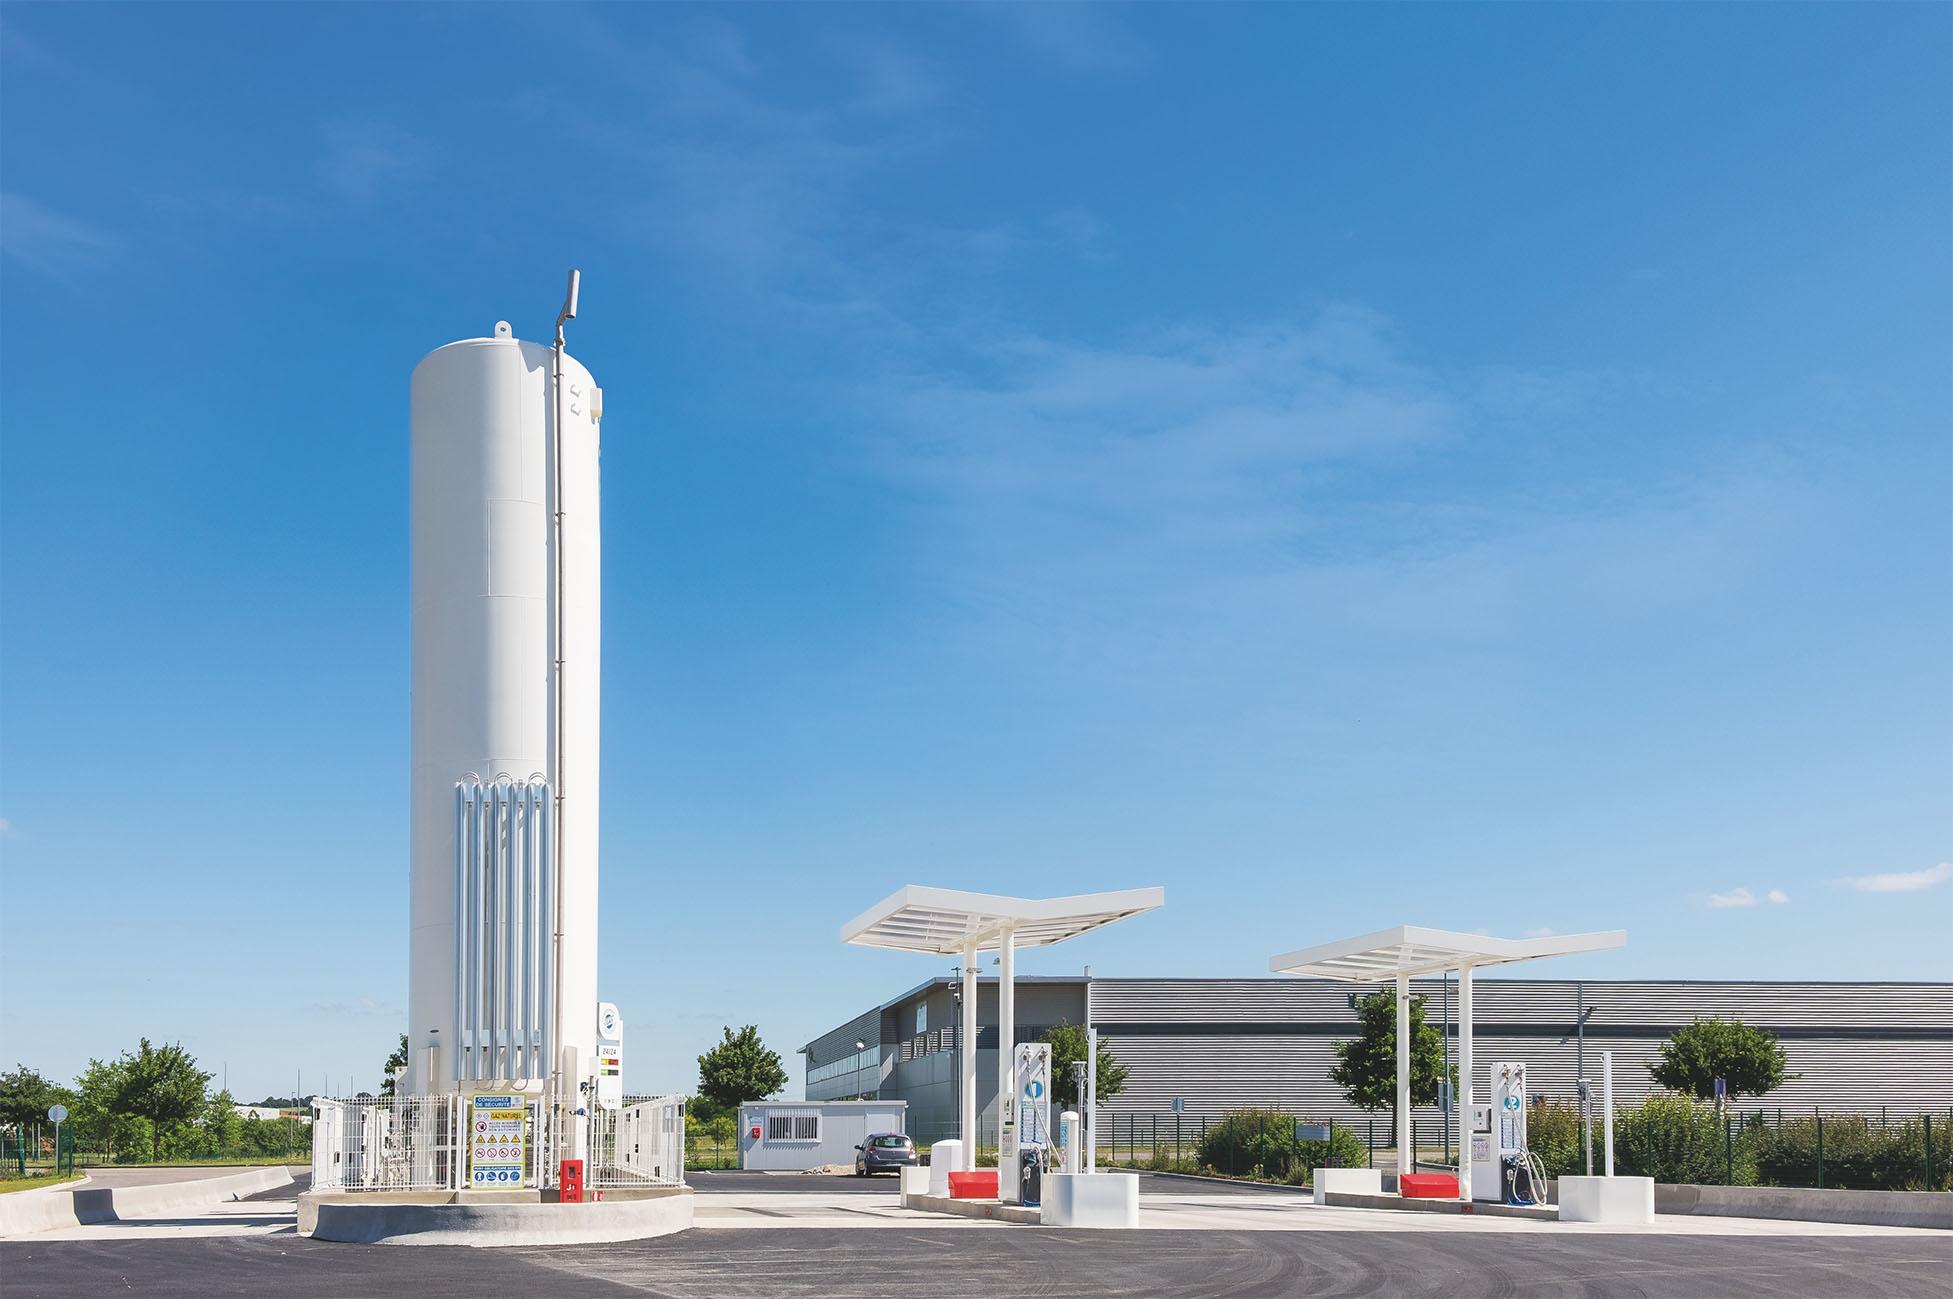 Eine öffentliche Tankstelle für LNG (Liquefied Natural Gas, verflüssigtes Erdgas) auf dem Gelände eines Betriebs in Frankreich.